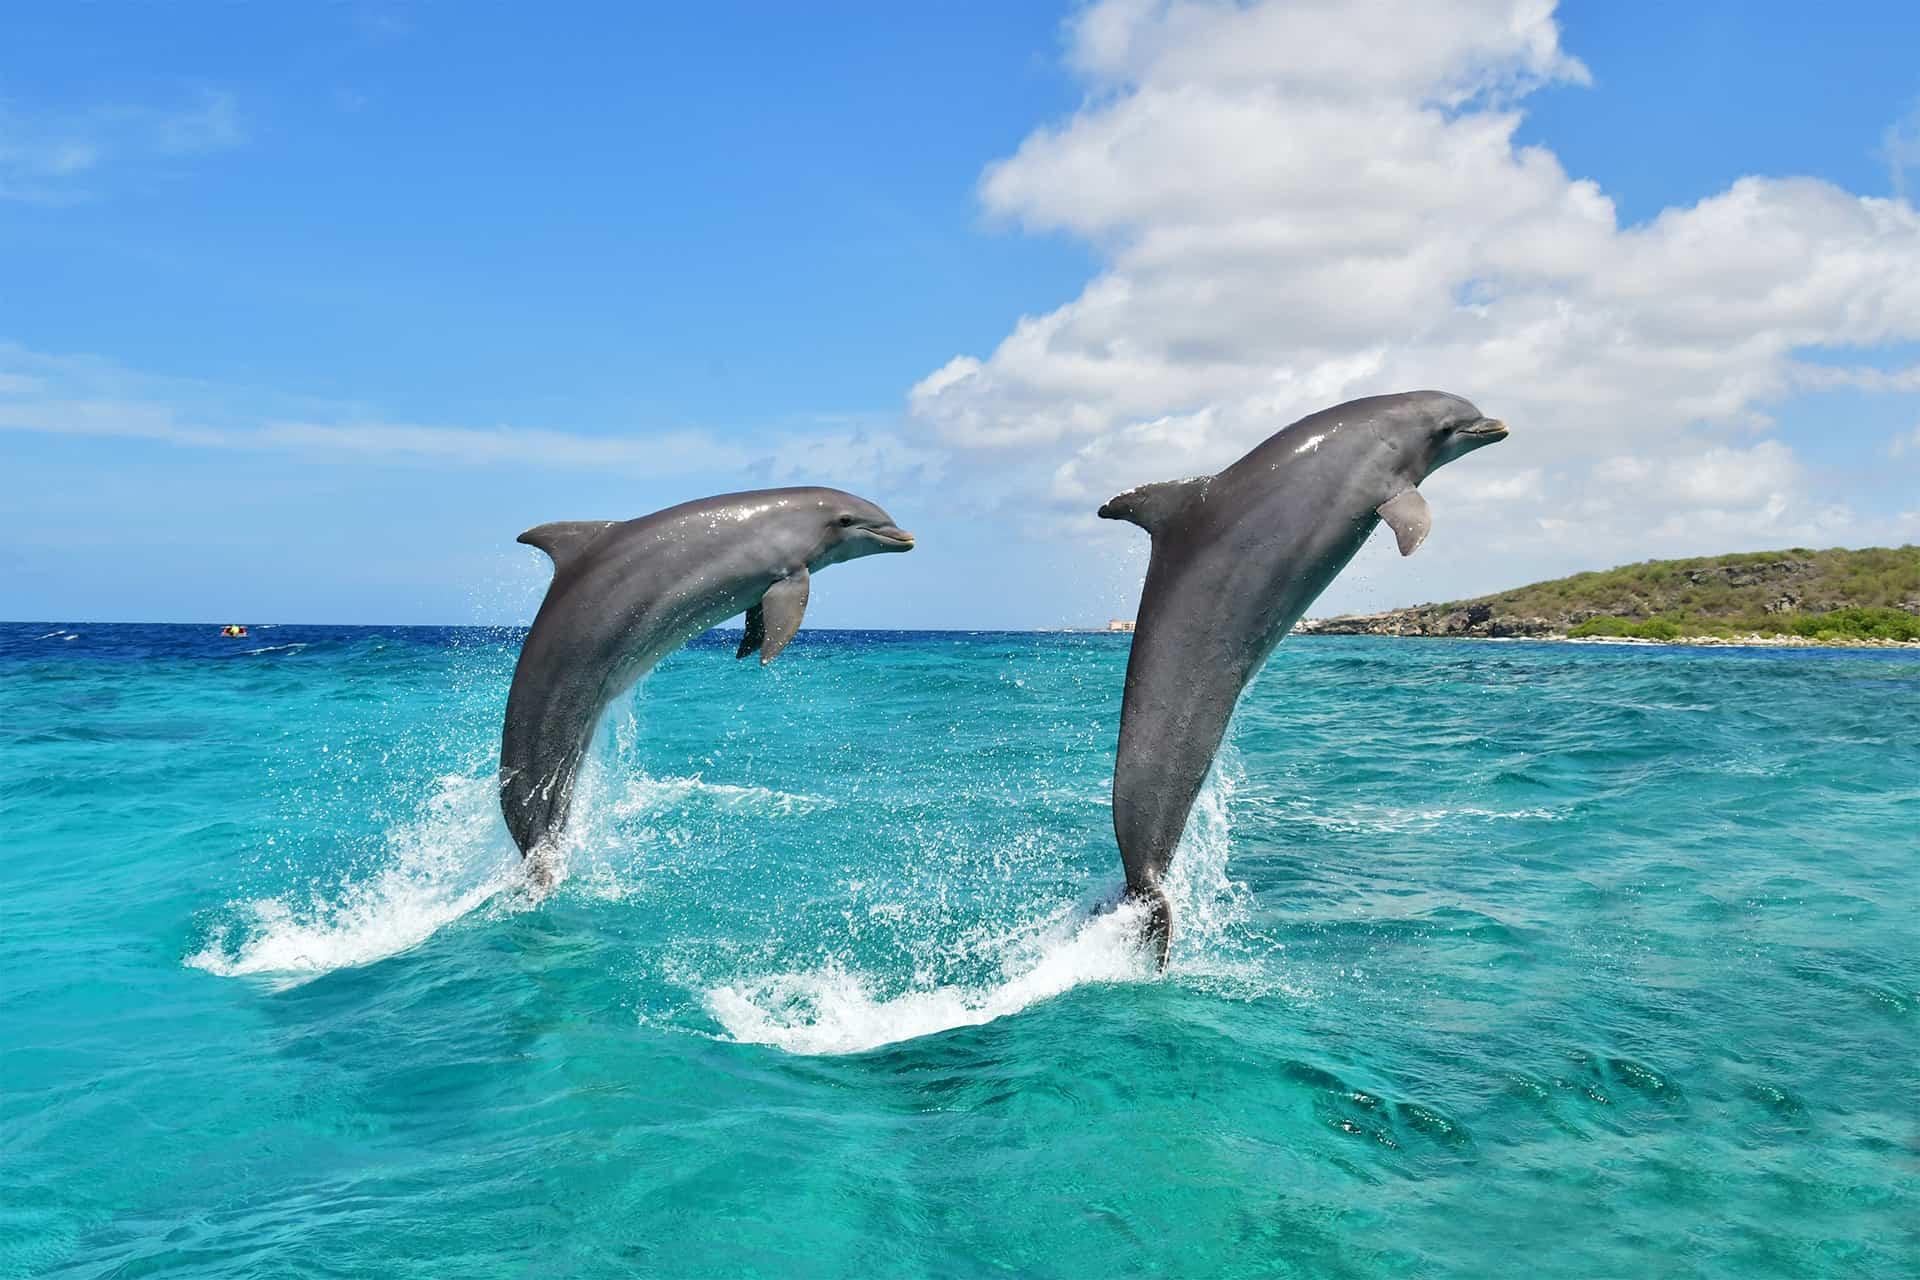 Twee vrolijke dolfijnen springen uit de zee bij de Dolphin Academy Curaçao.